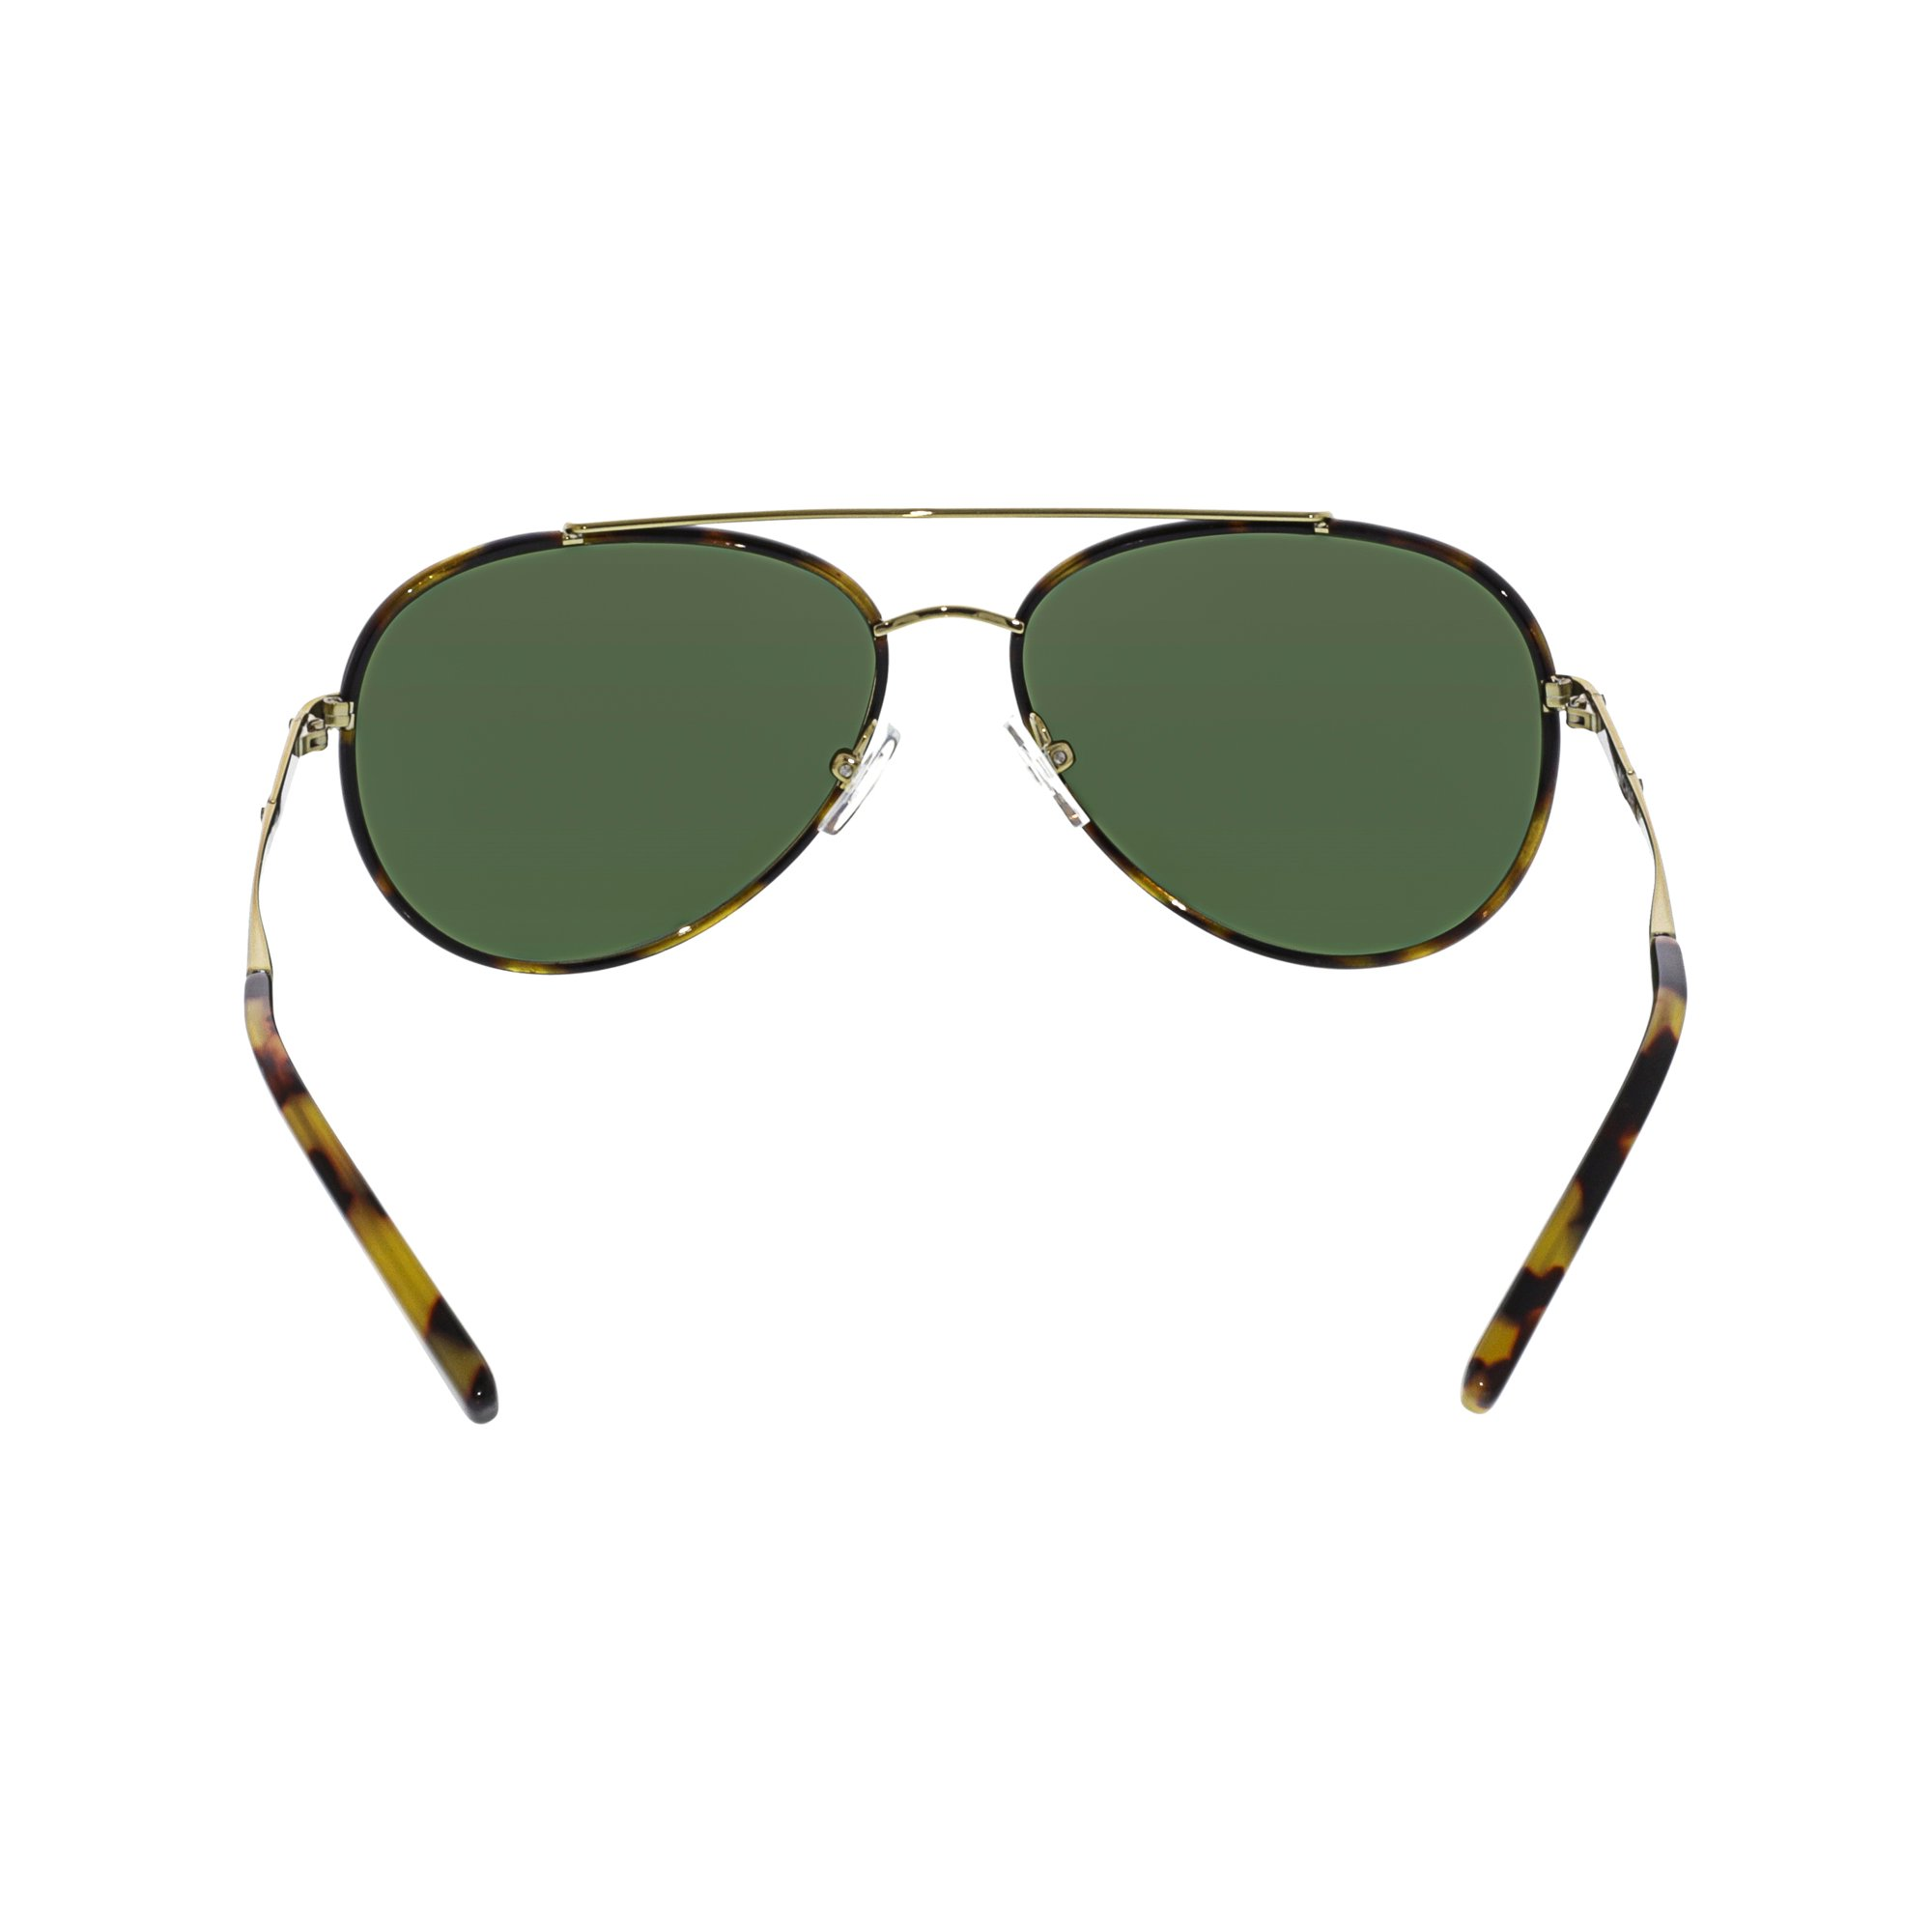 111824577571 Michael Kors Women's Mirrored MK1019-116371-59 Gold Aviator Sunglasses |  Walmart Canada